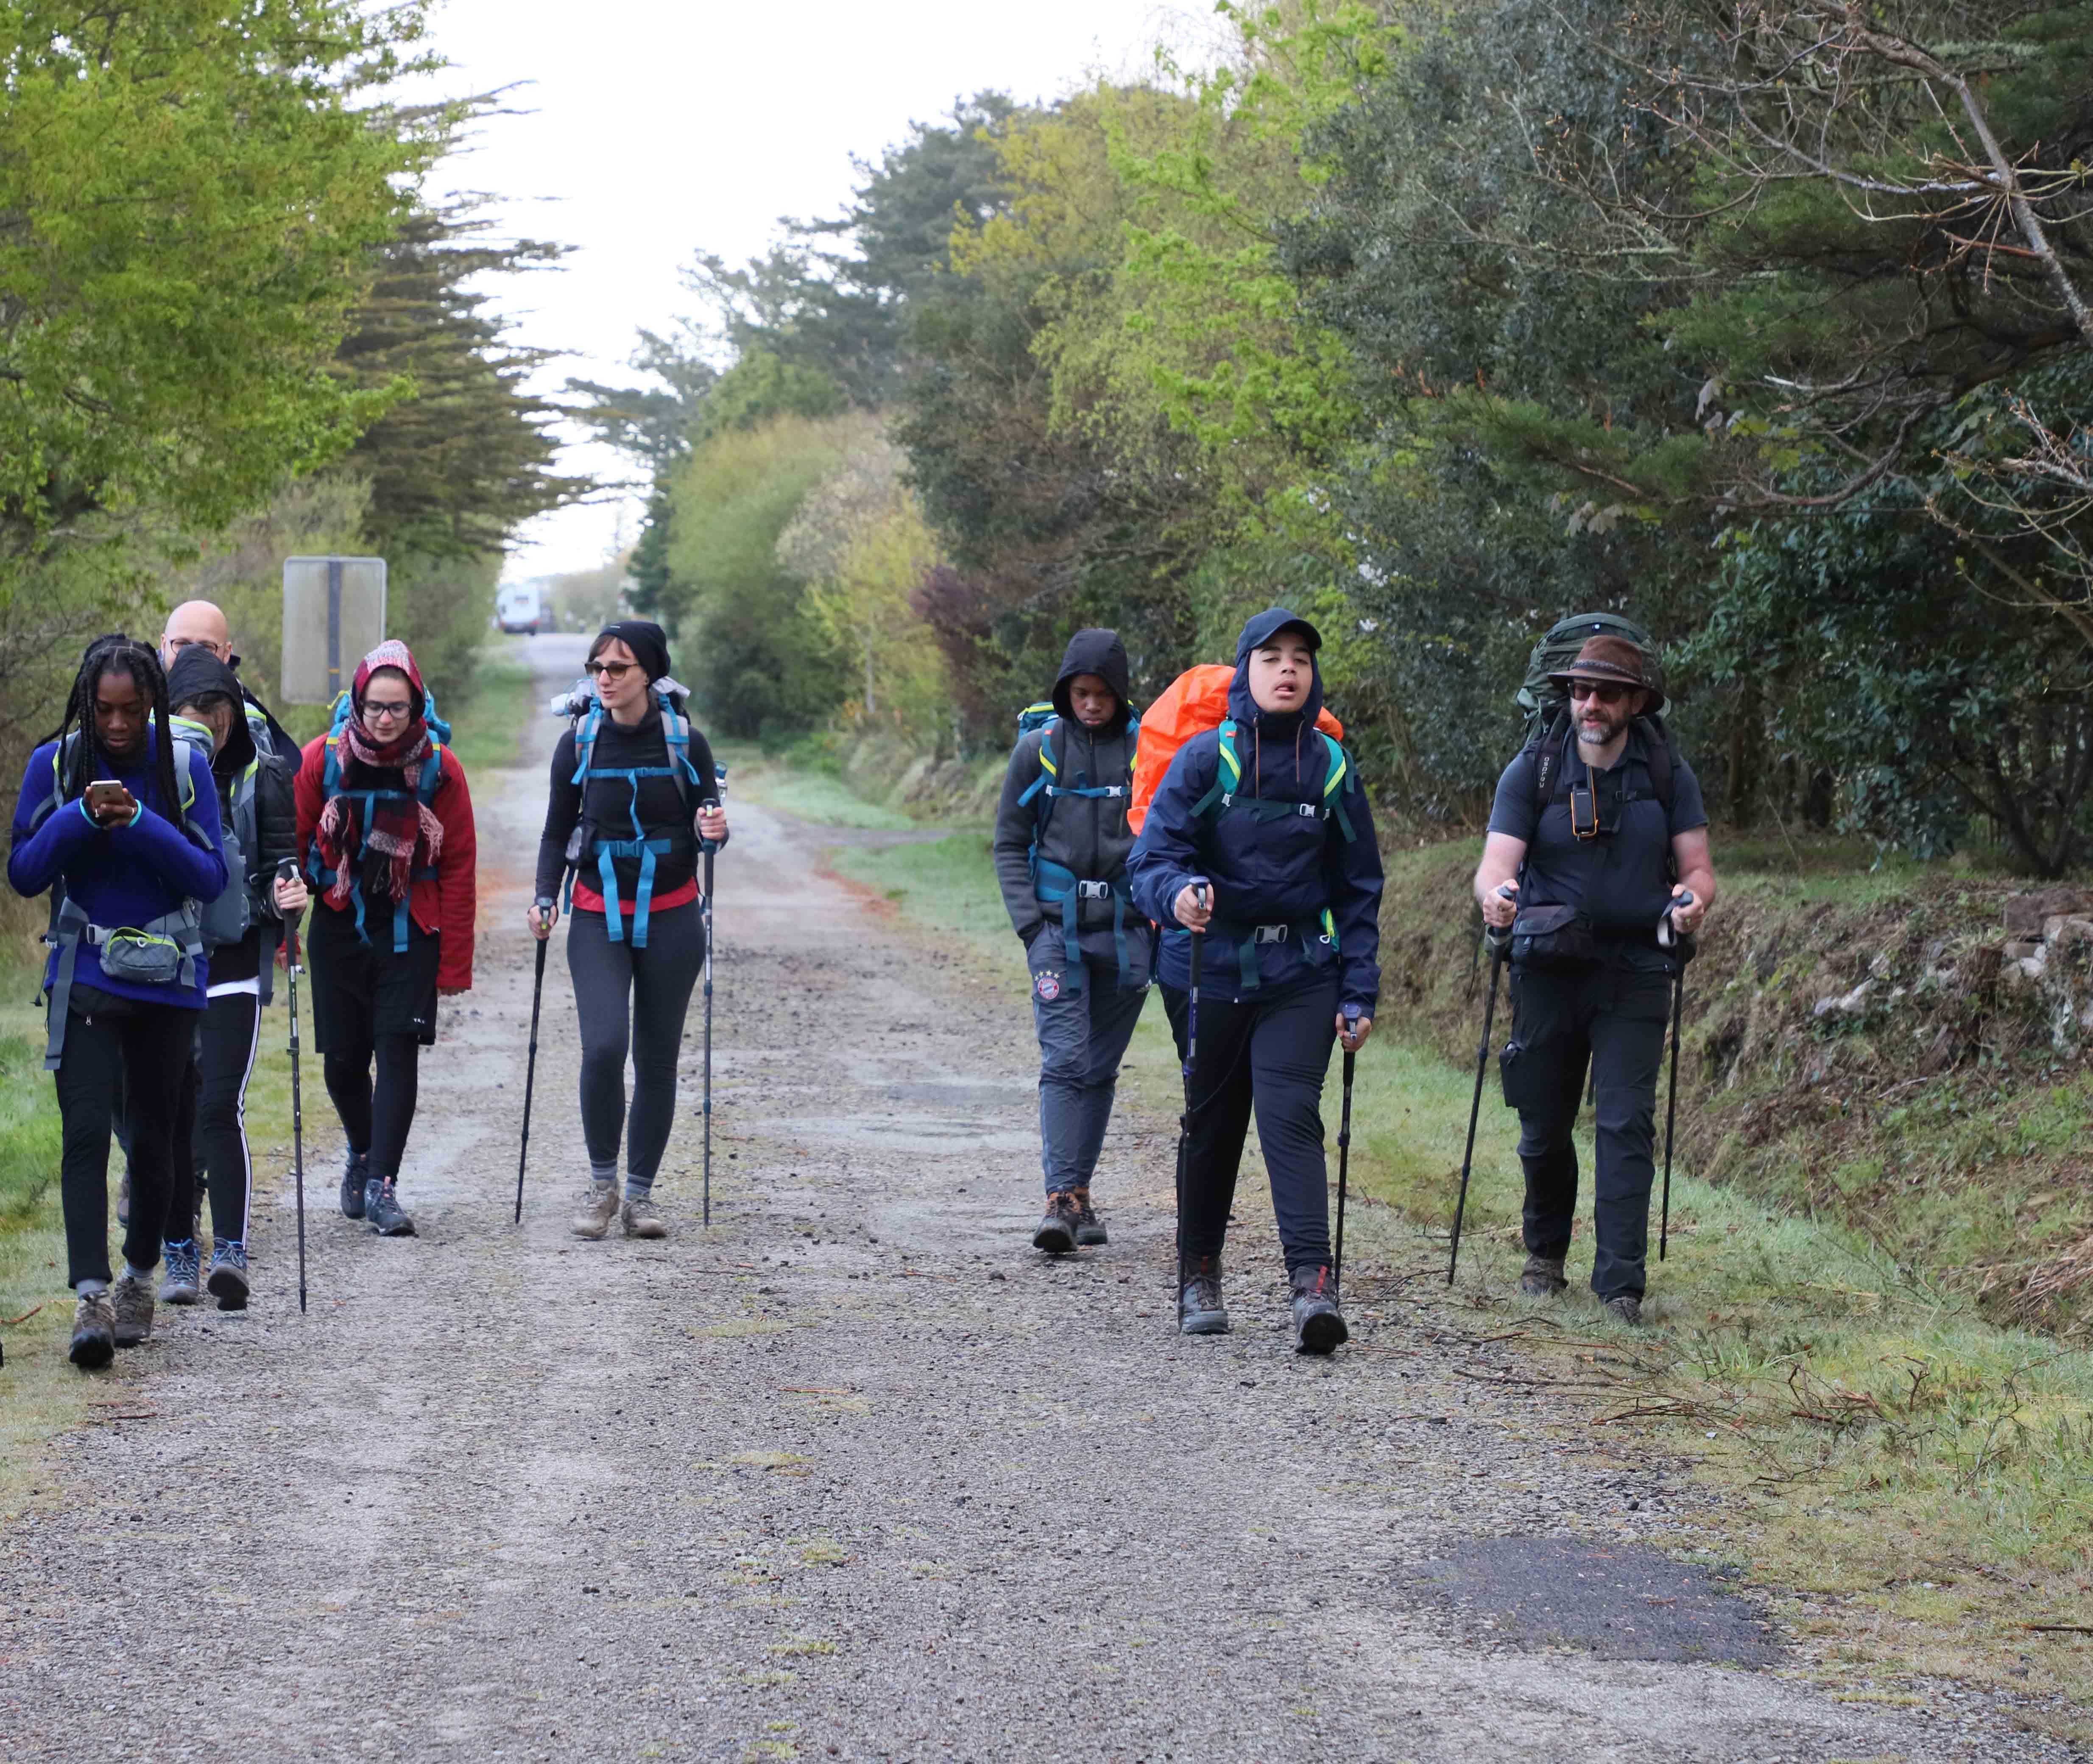 Le groupe en randonnée en Bretagne